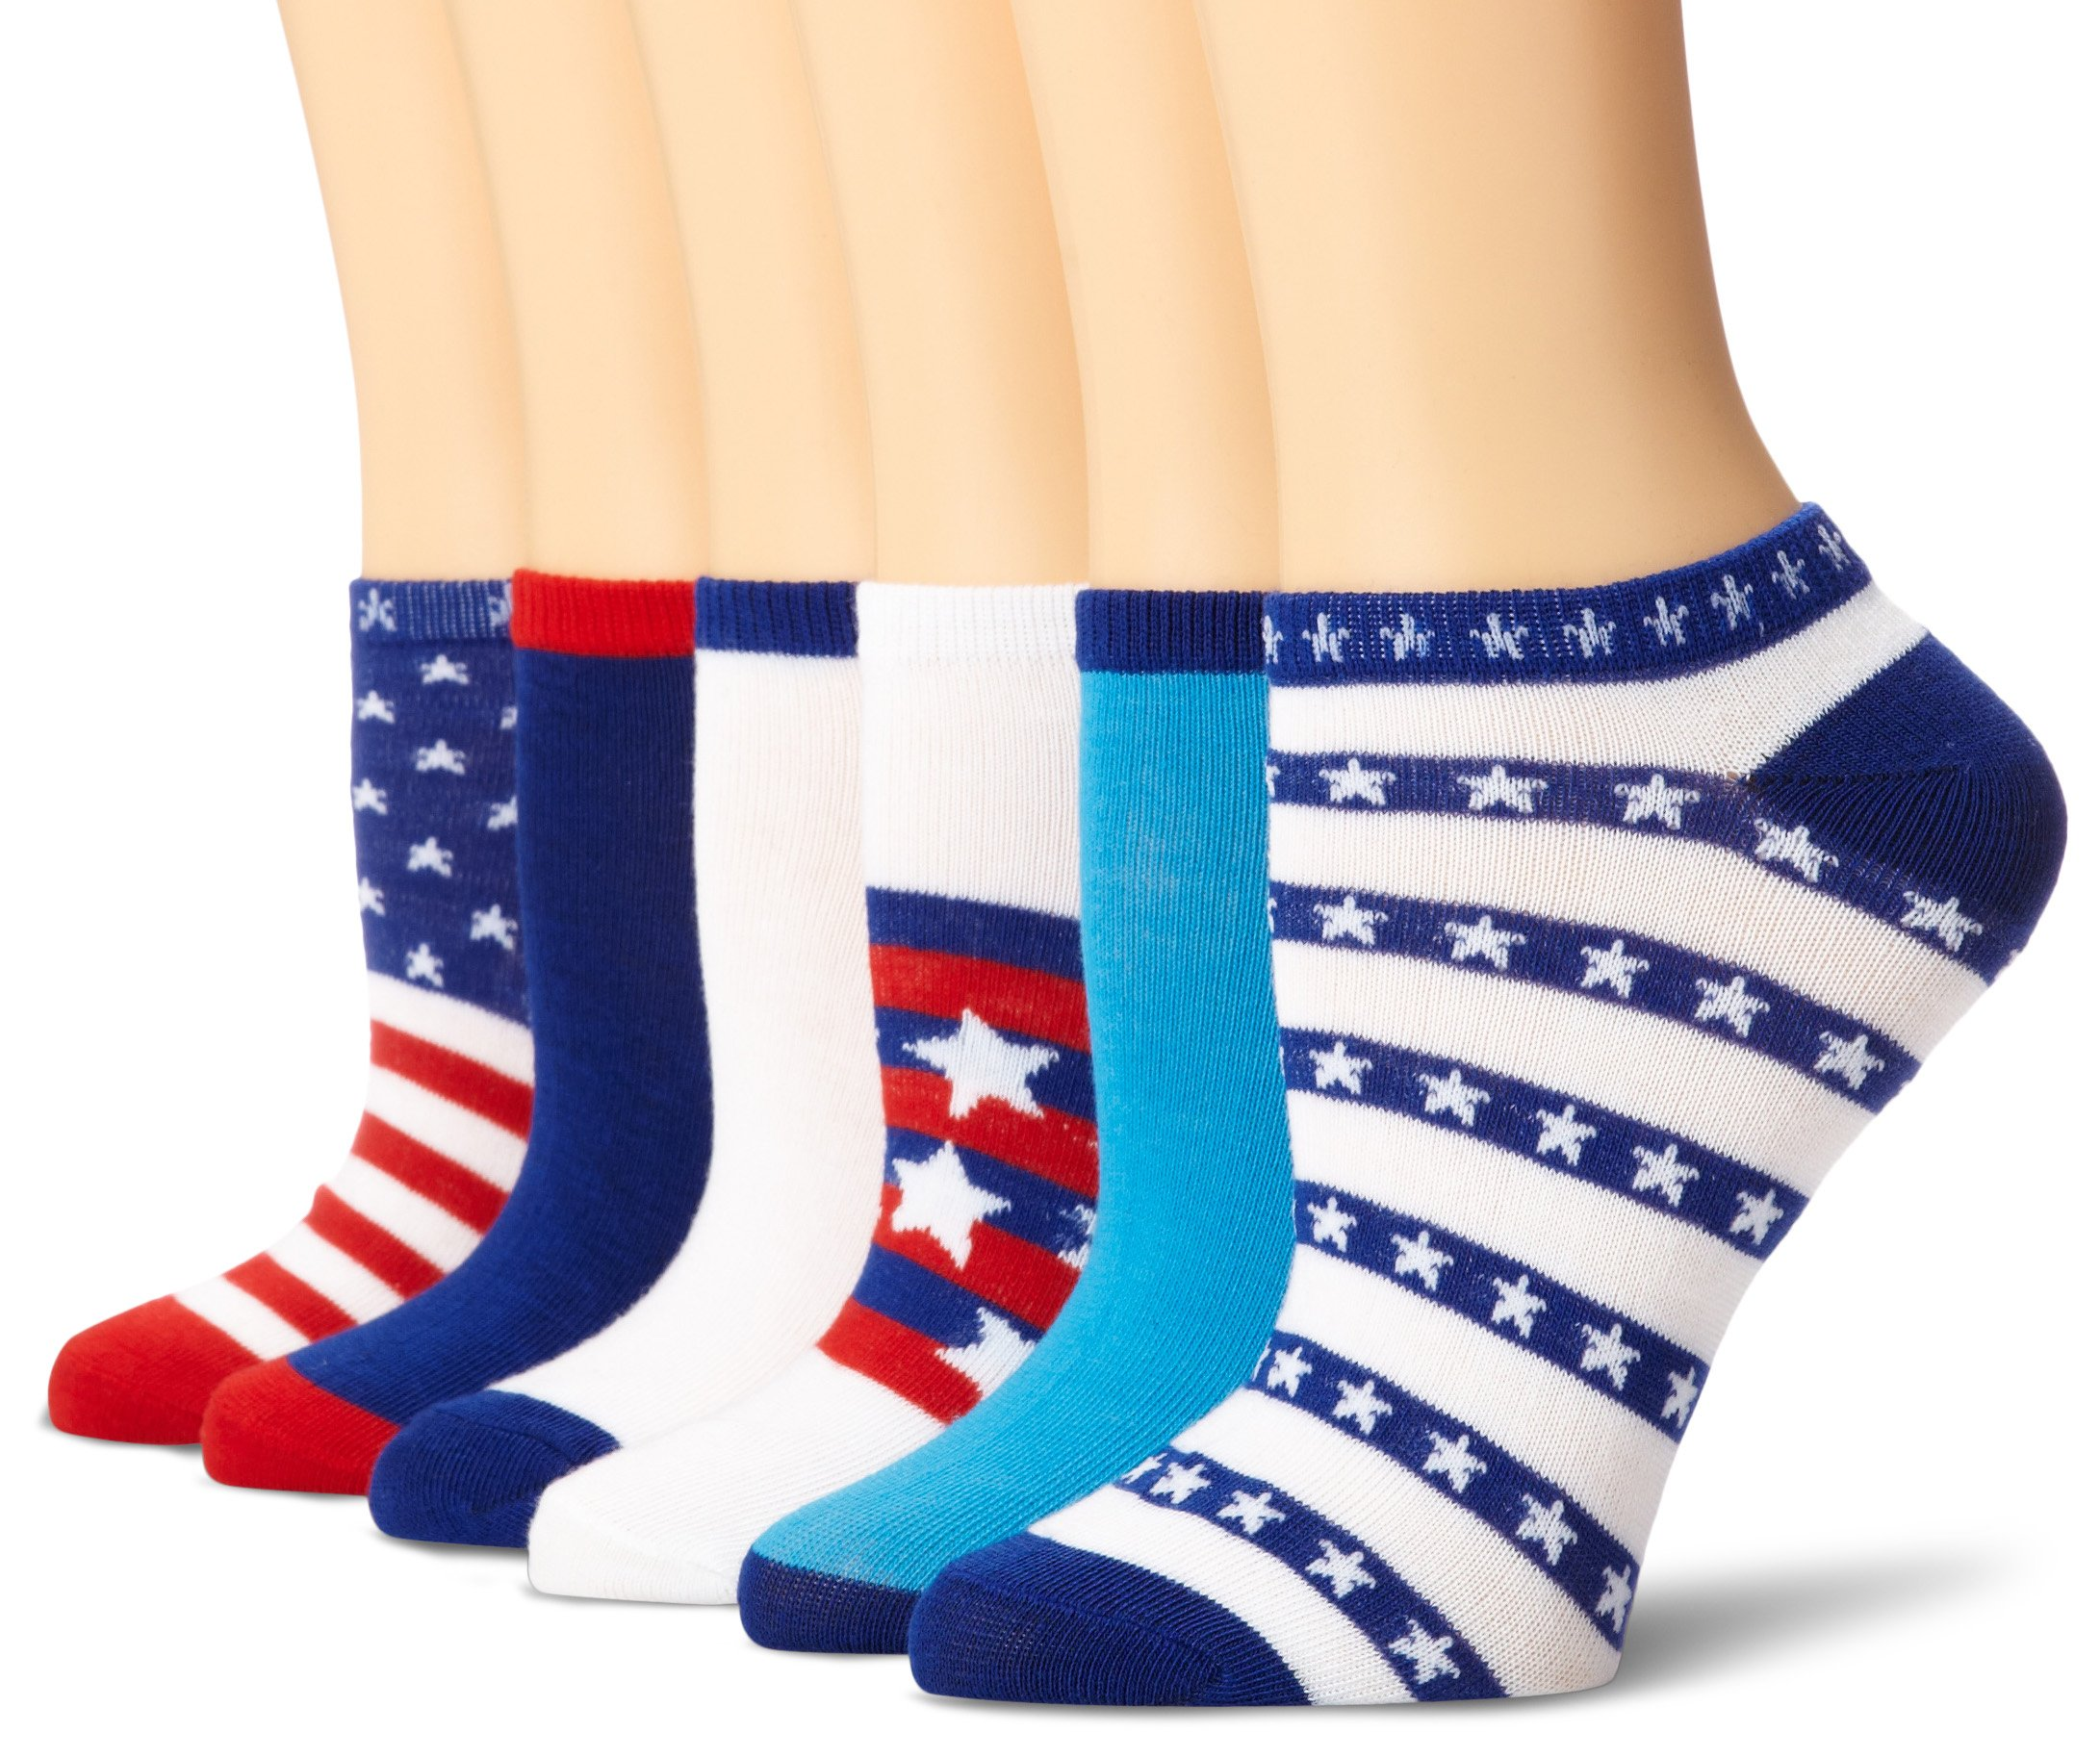 K. Bell Women's 6 Pack Novelty Crew Socks, Americana, 9-11